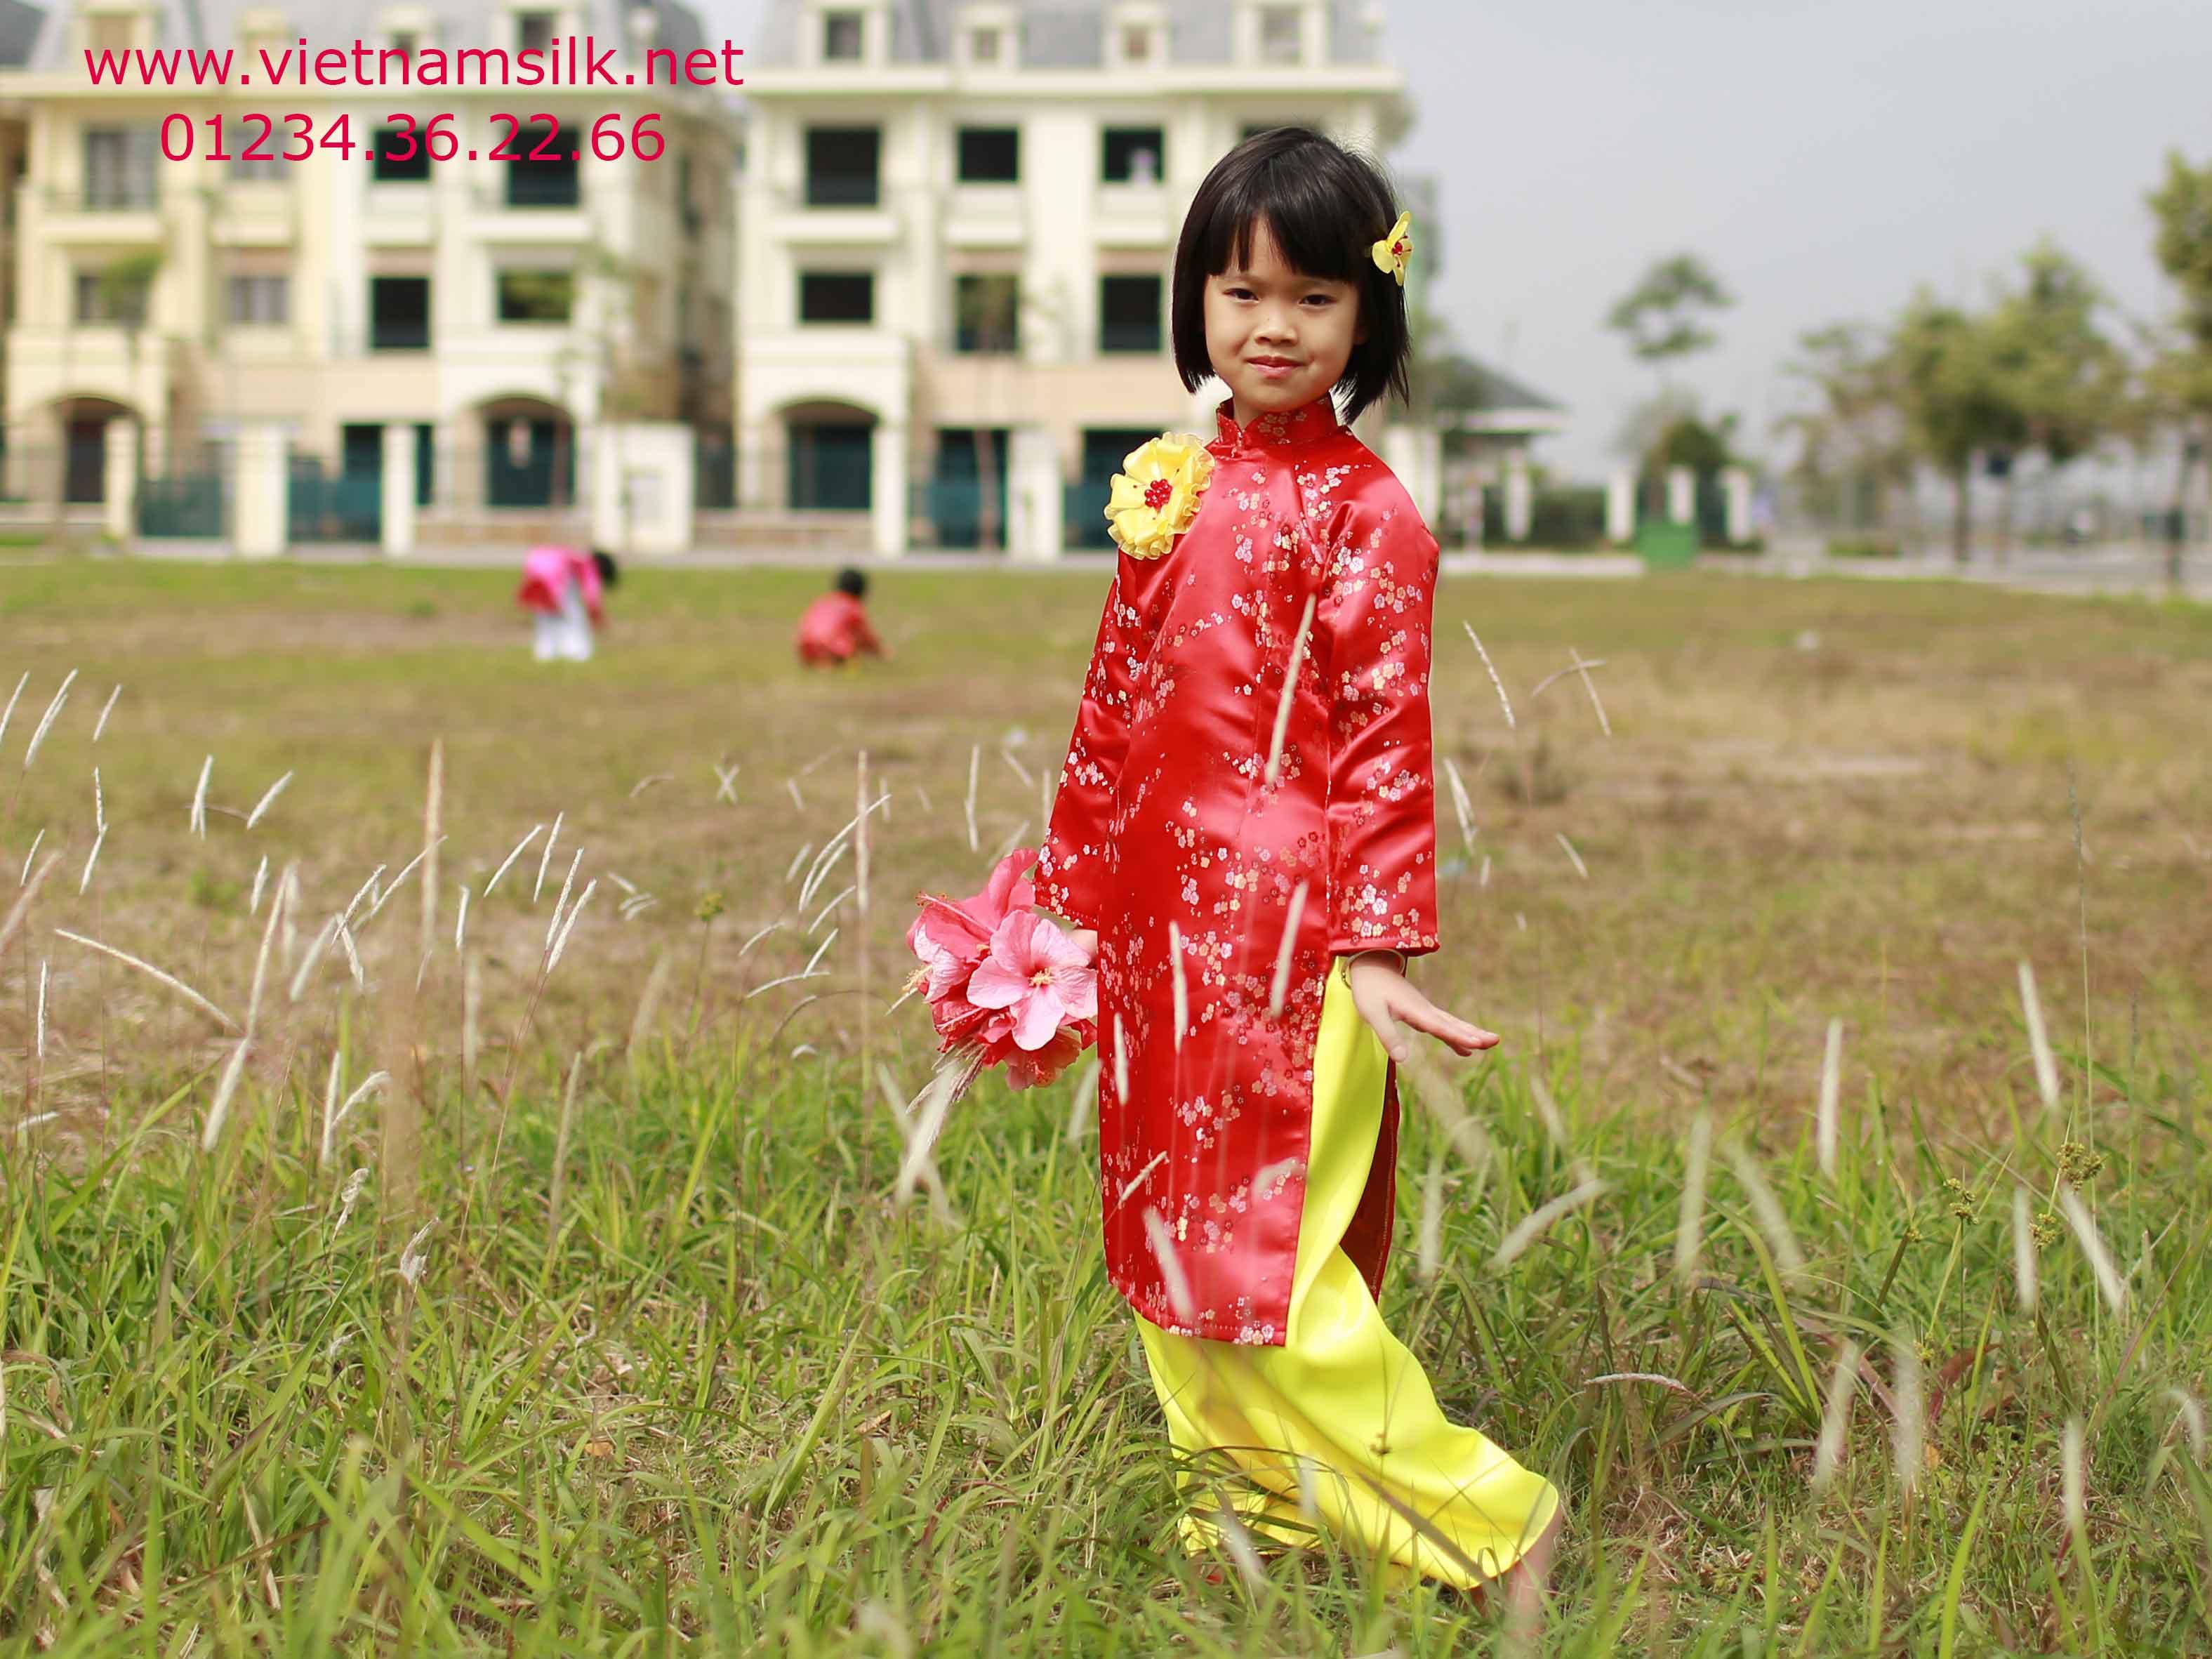 Áo dài hoa mai nền đỏ cho bé - Vietnamsilk